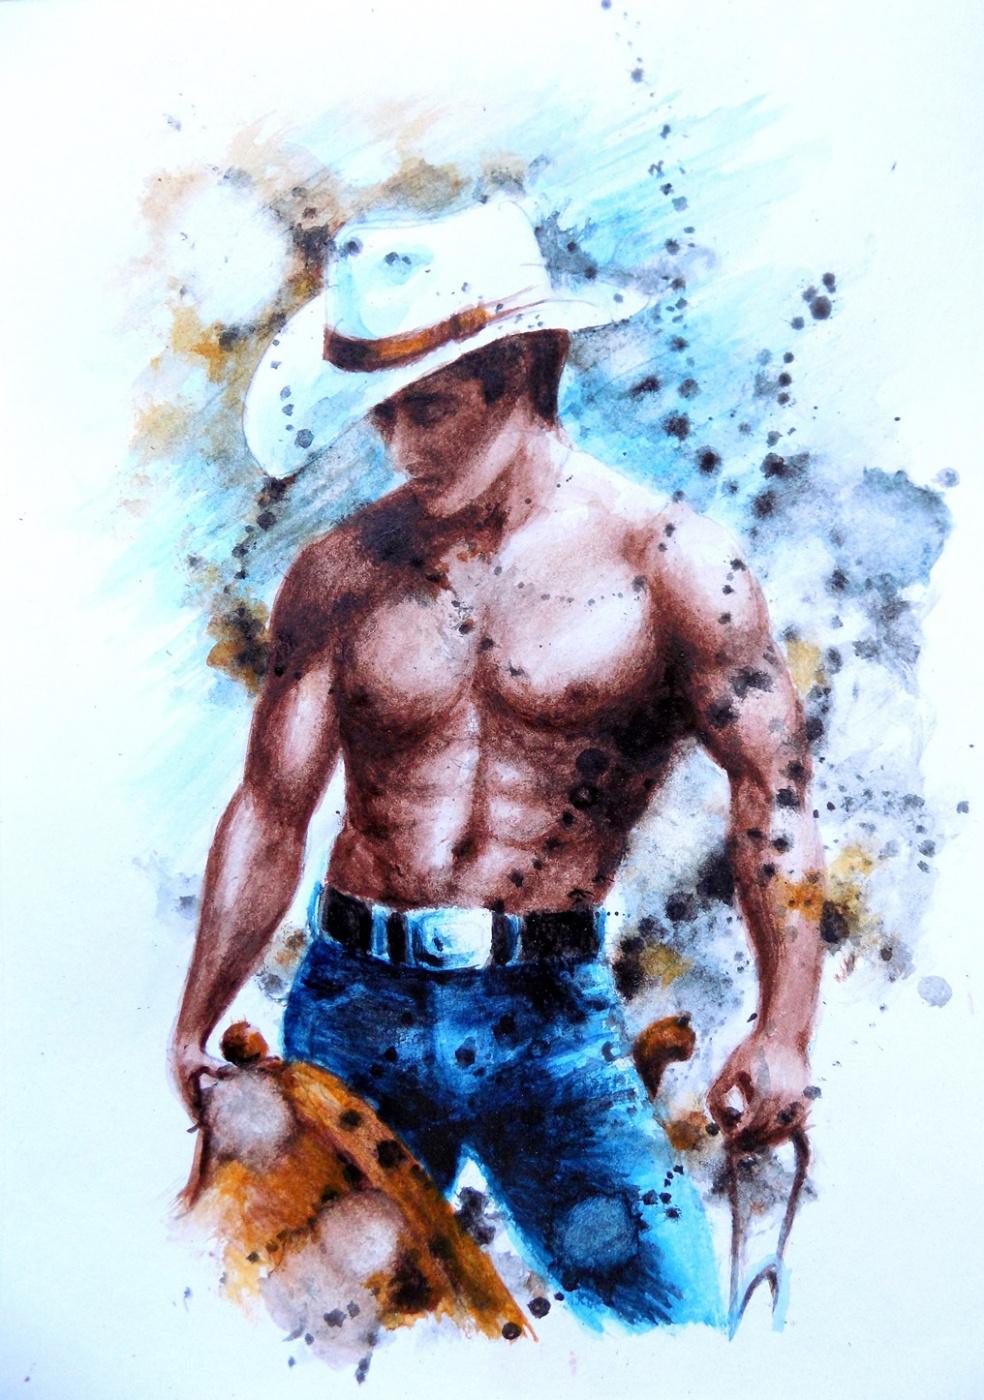 Alex Visiroff. Romantic cowboy